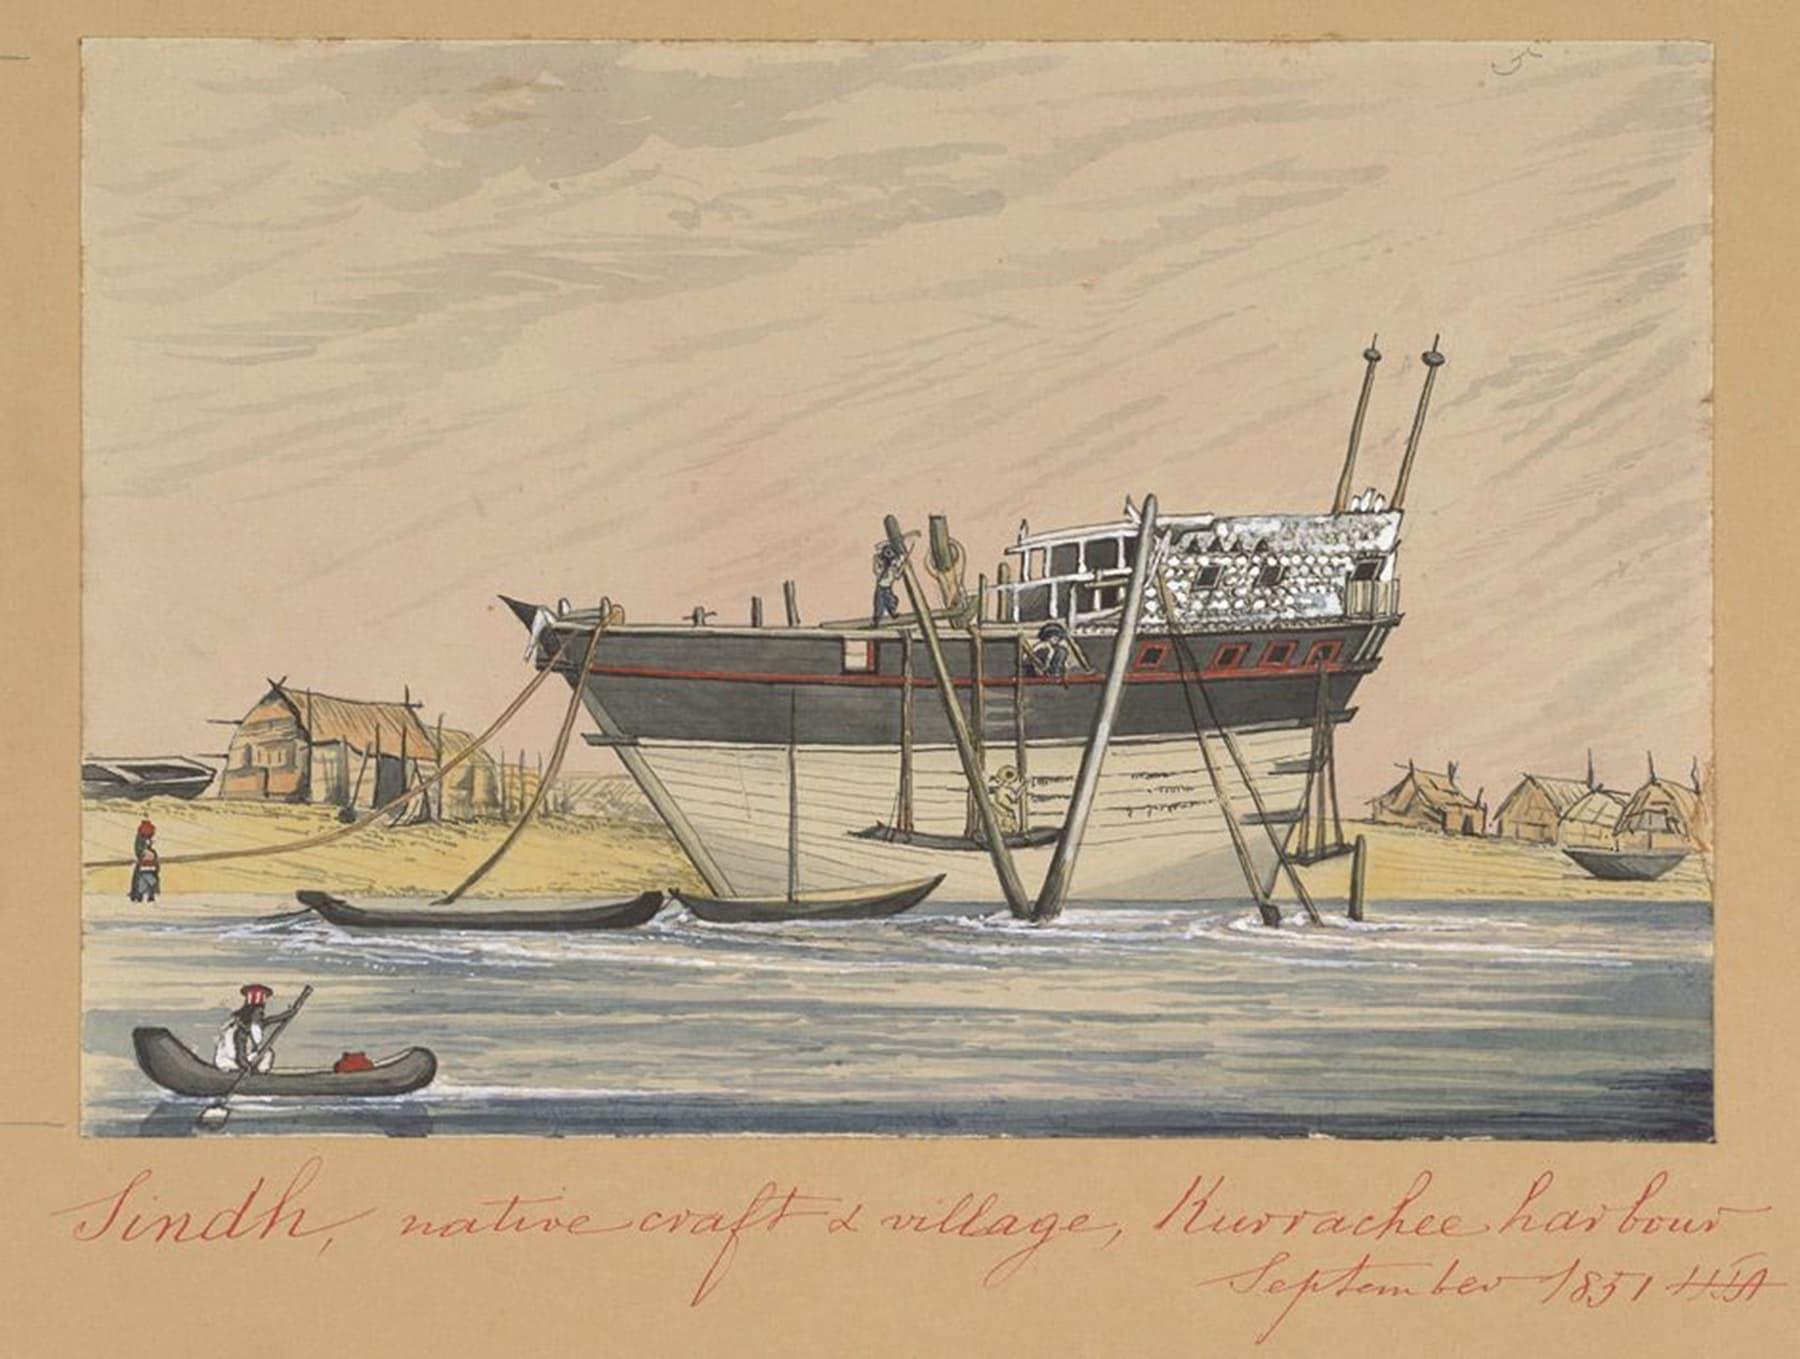 1851ء میں کراچی بندرگاہ کے پاس واقع ایک گاؤں